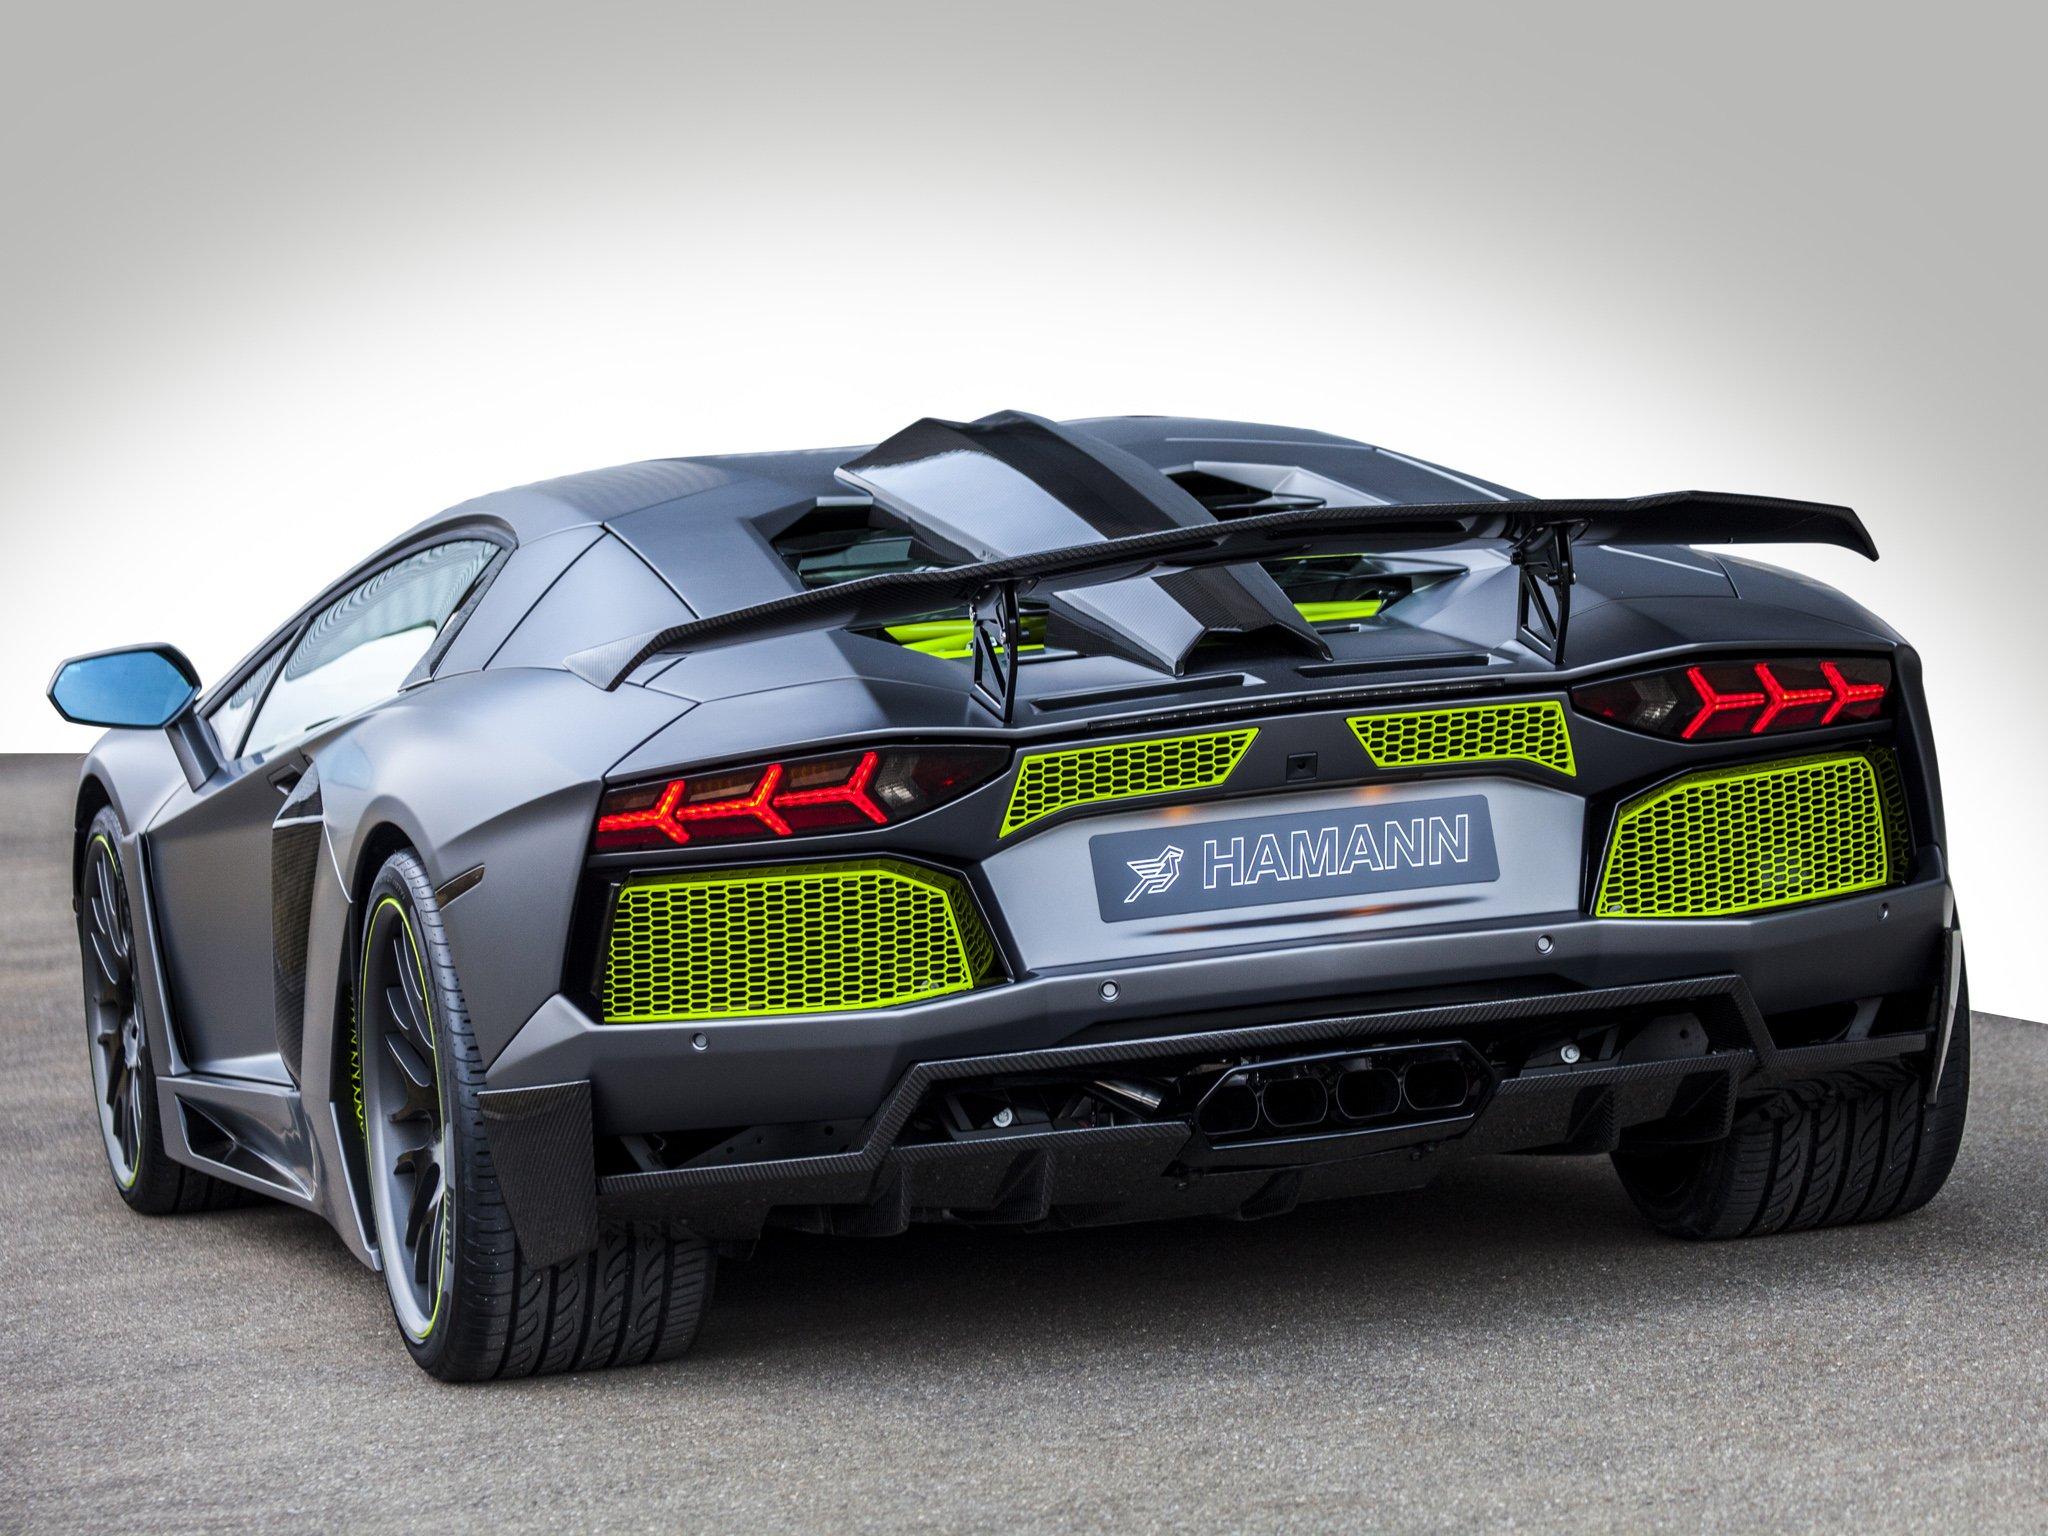 Lamborghini Aventador LB834 supercar tuning g wallpaper 2048x1536 2048x1536